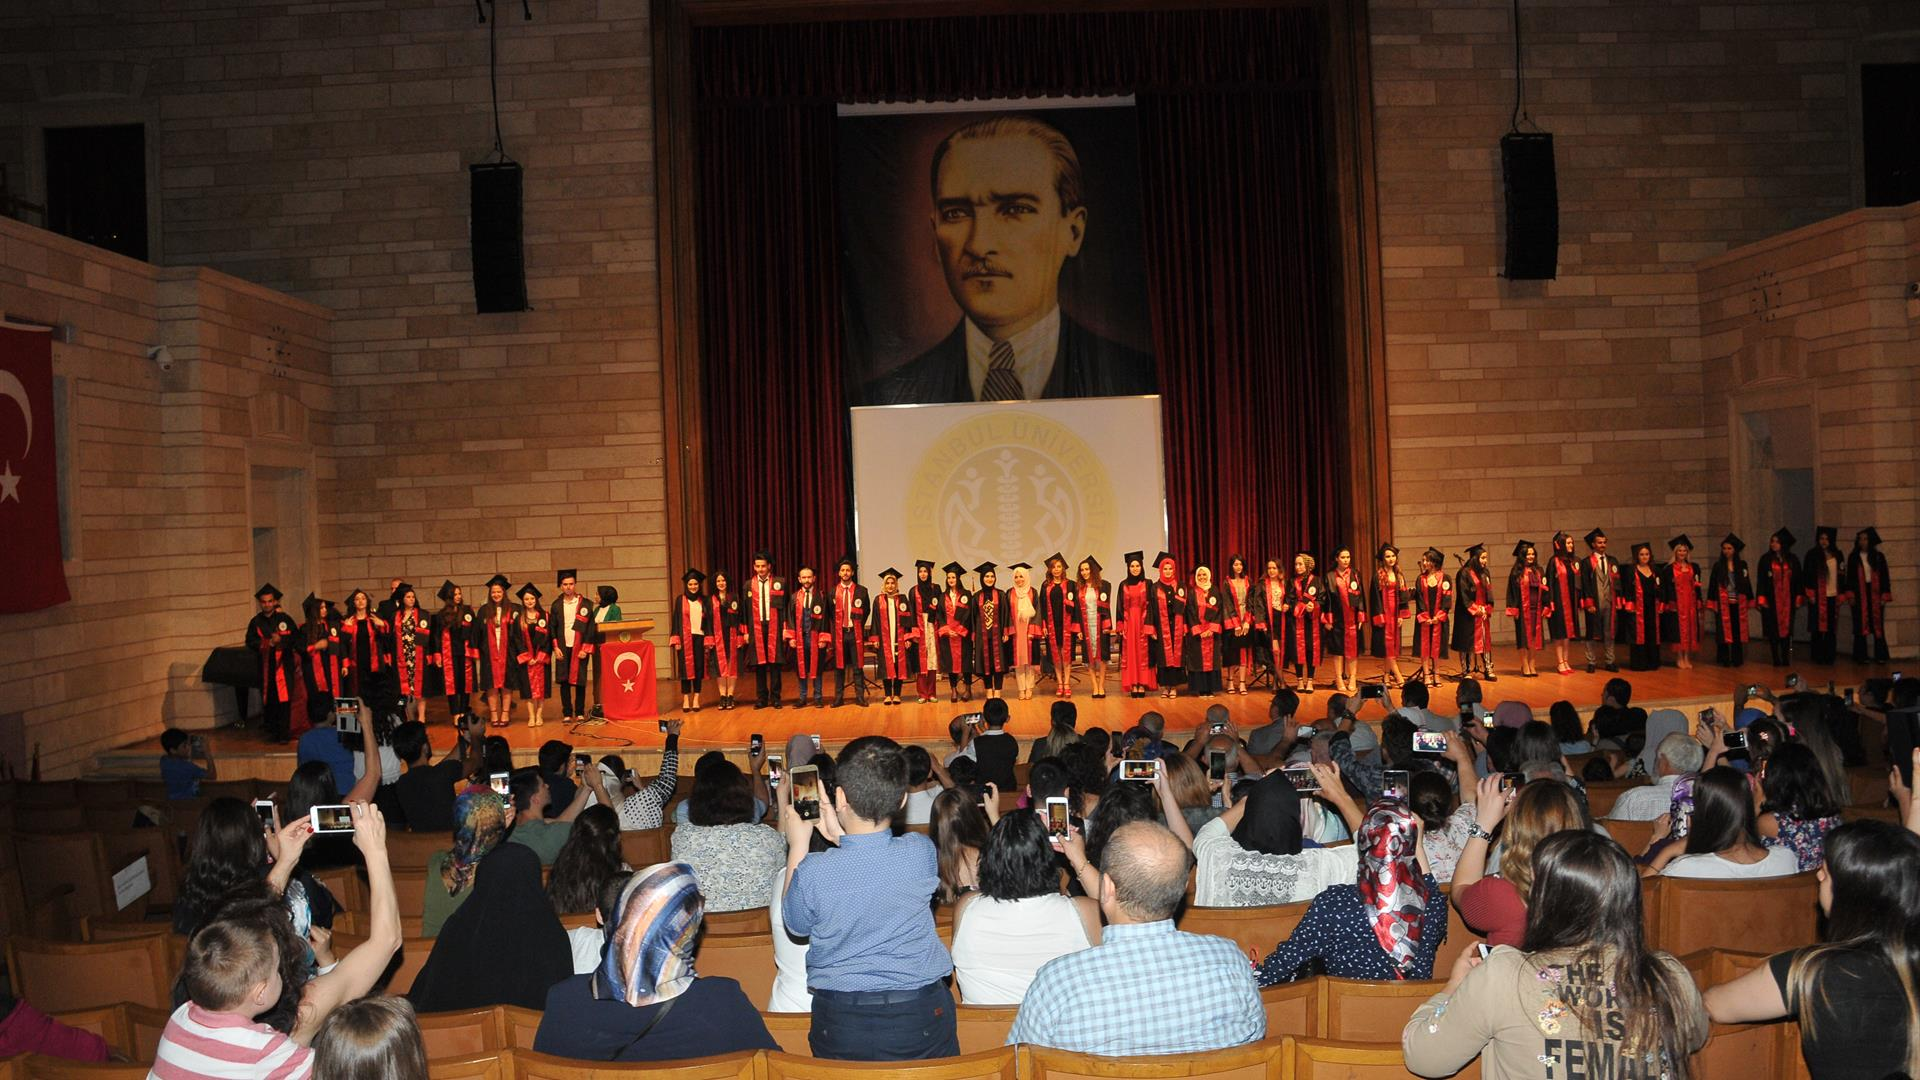 İÜ-Hukuk-Fakültesi-Adalet-Meslek-Yüksekokulu-Mezunlarını-Uğurladı